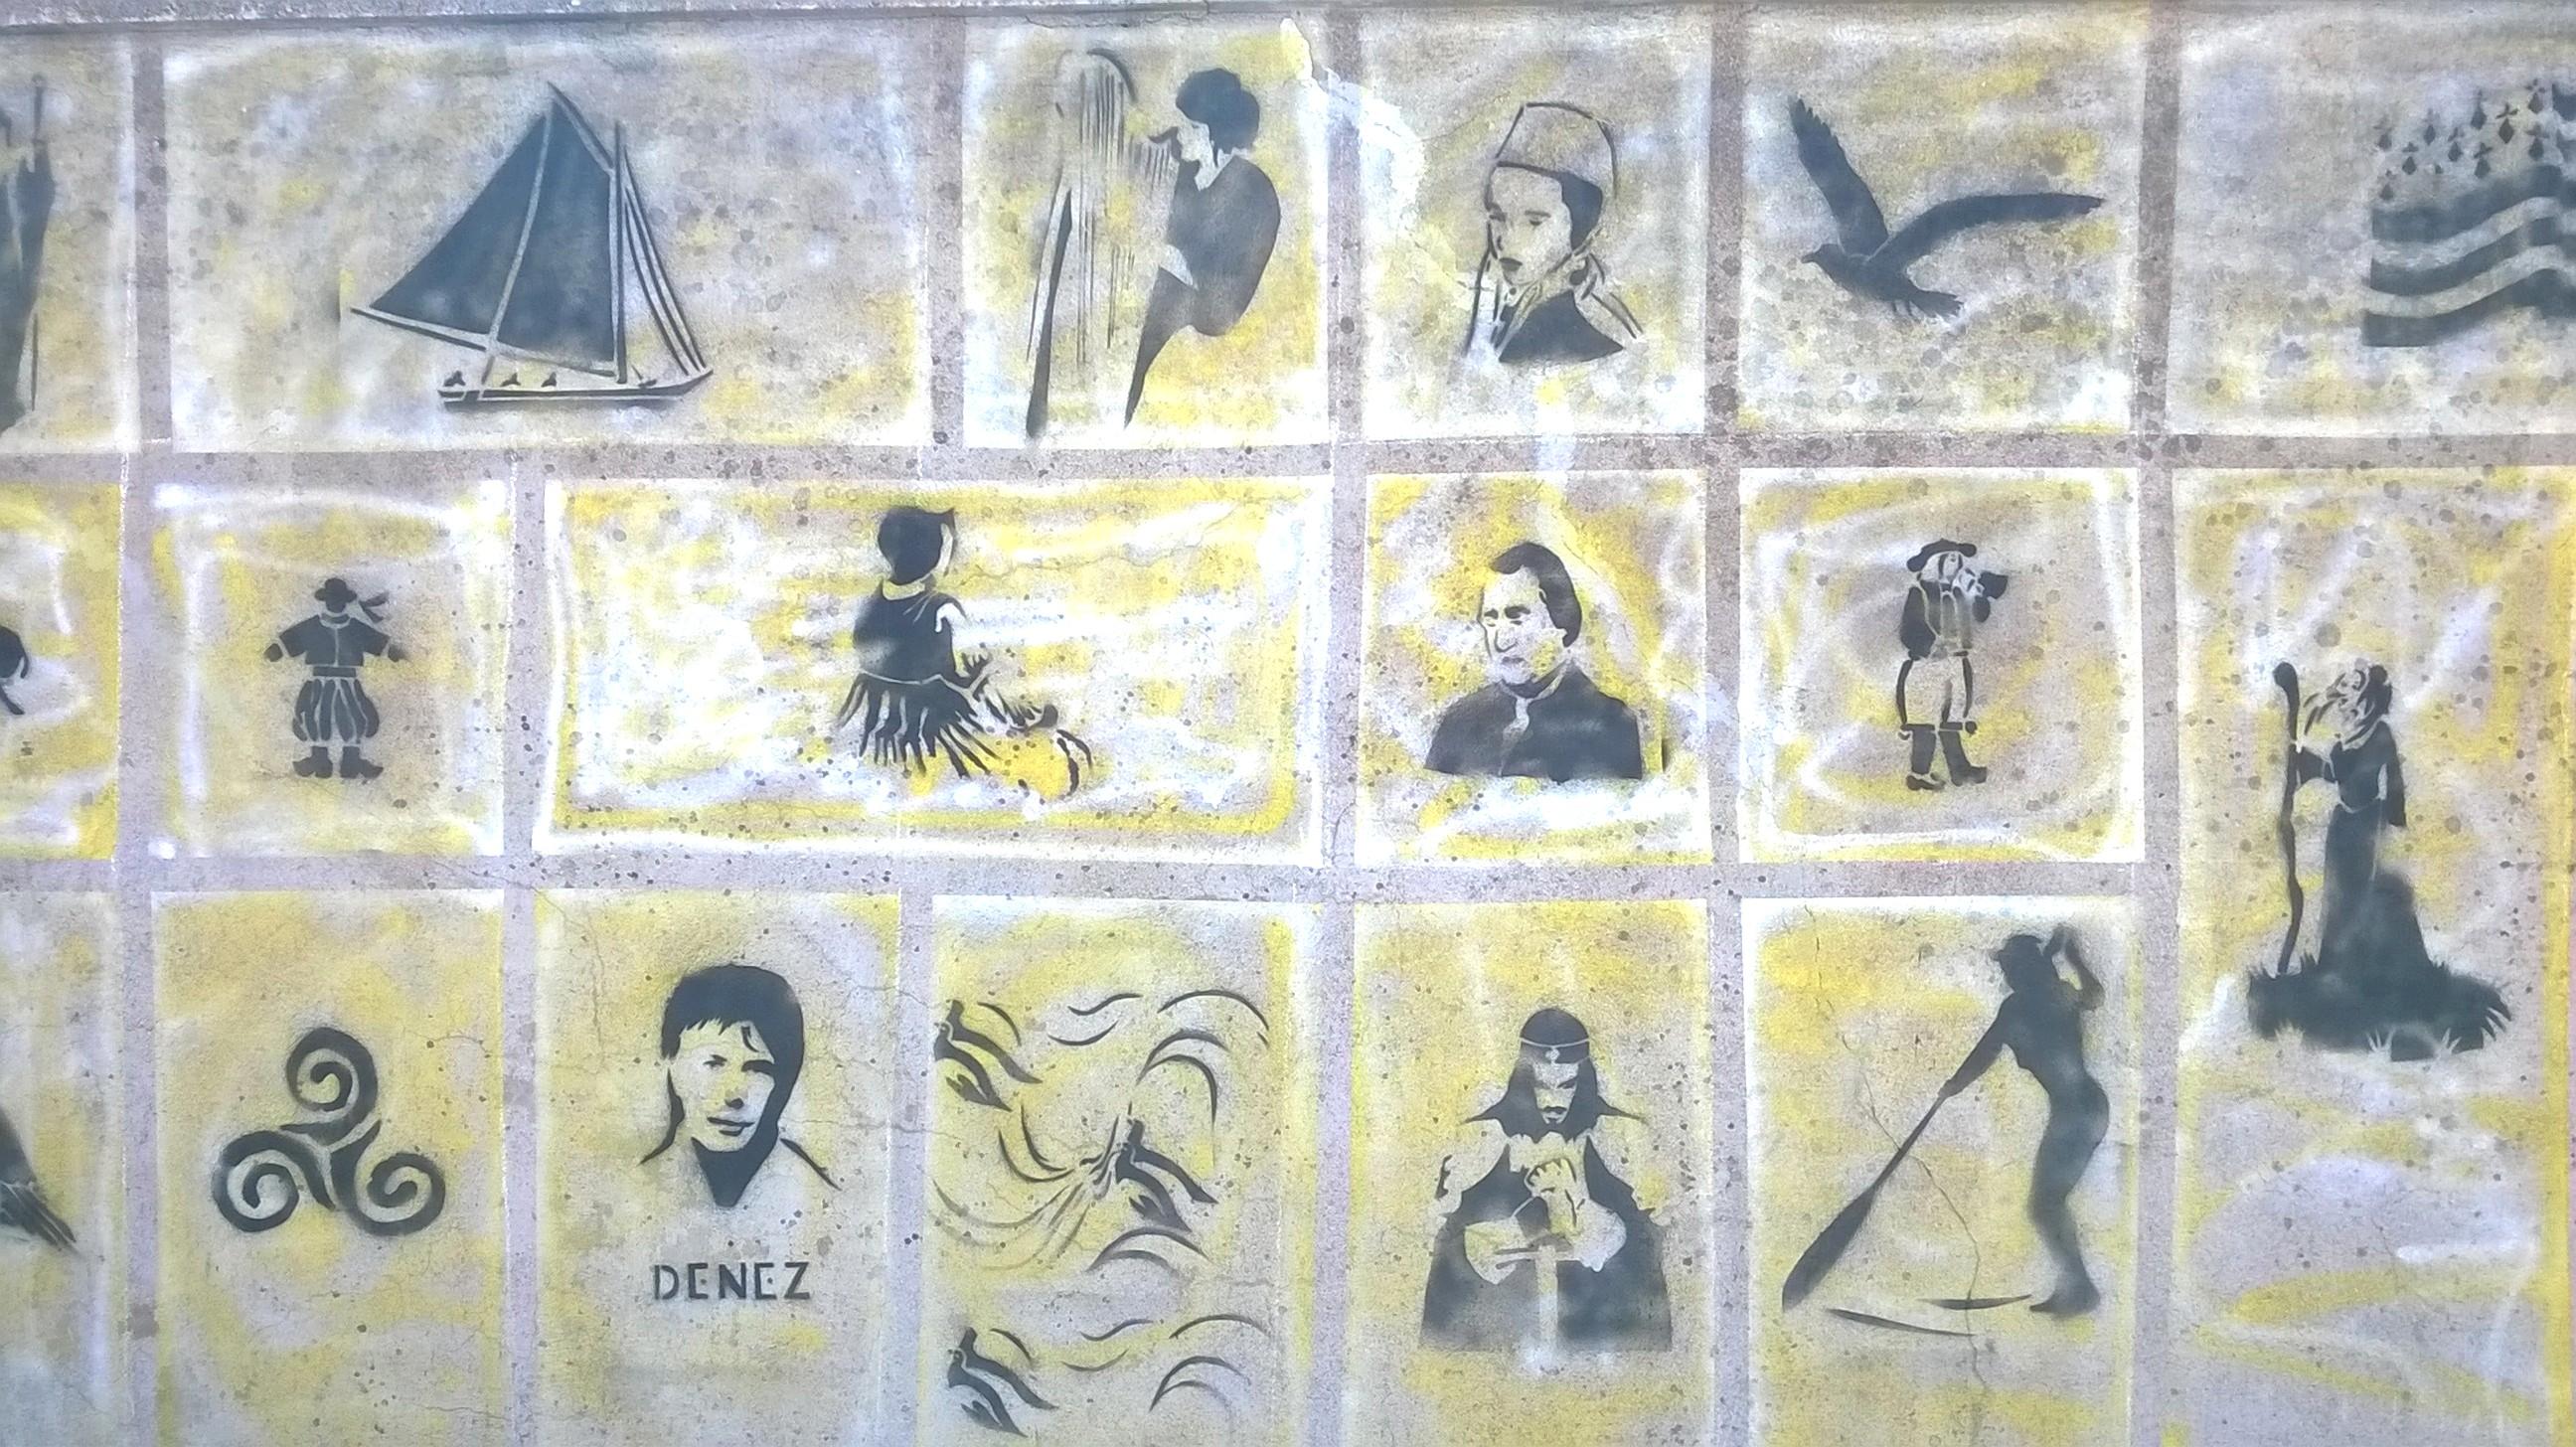 Une fresque murale au pochoir e styves coll ge saint - Pochoir mural fee ...